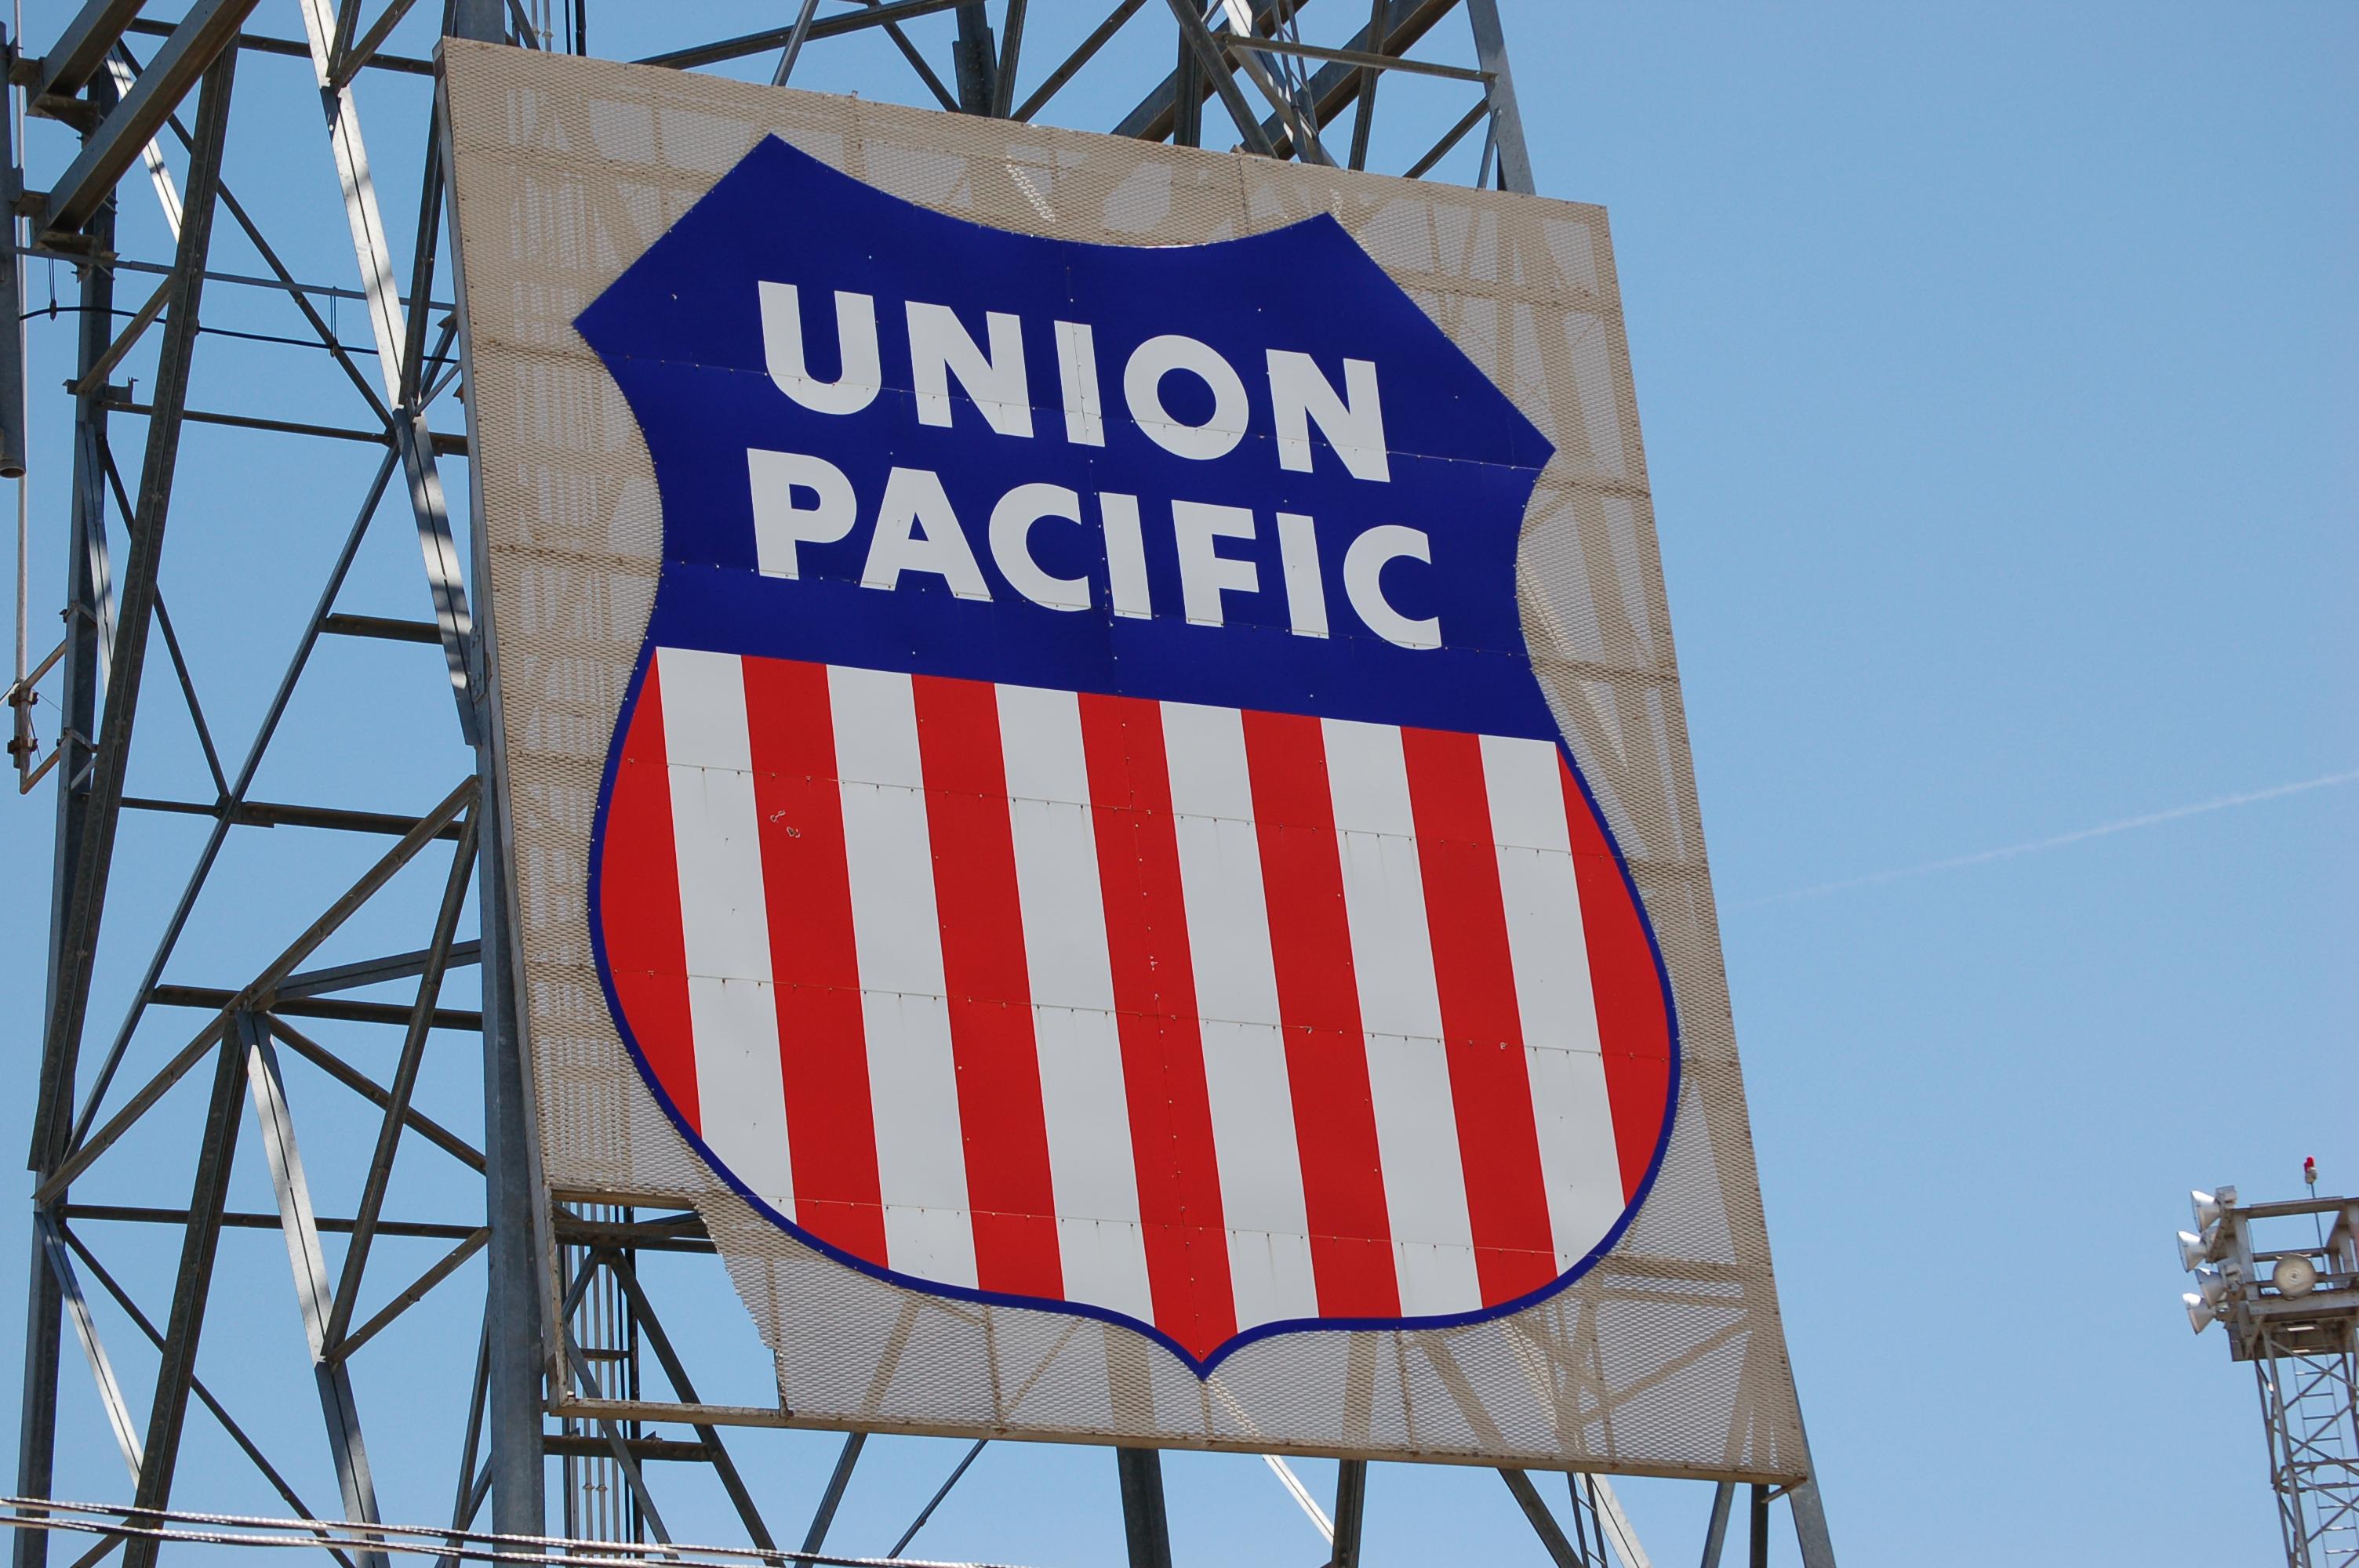 История компании central pacific and union pacific